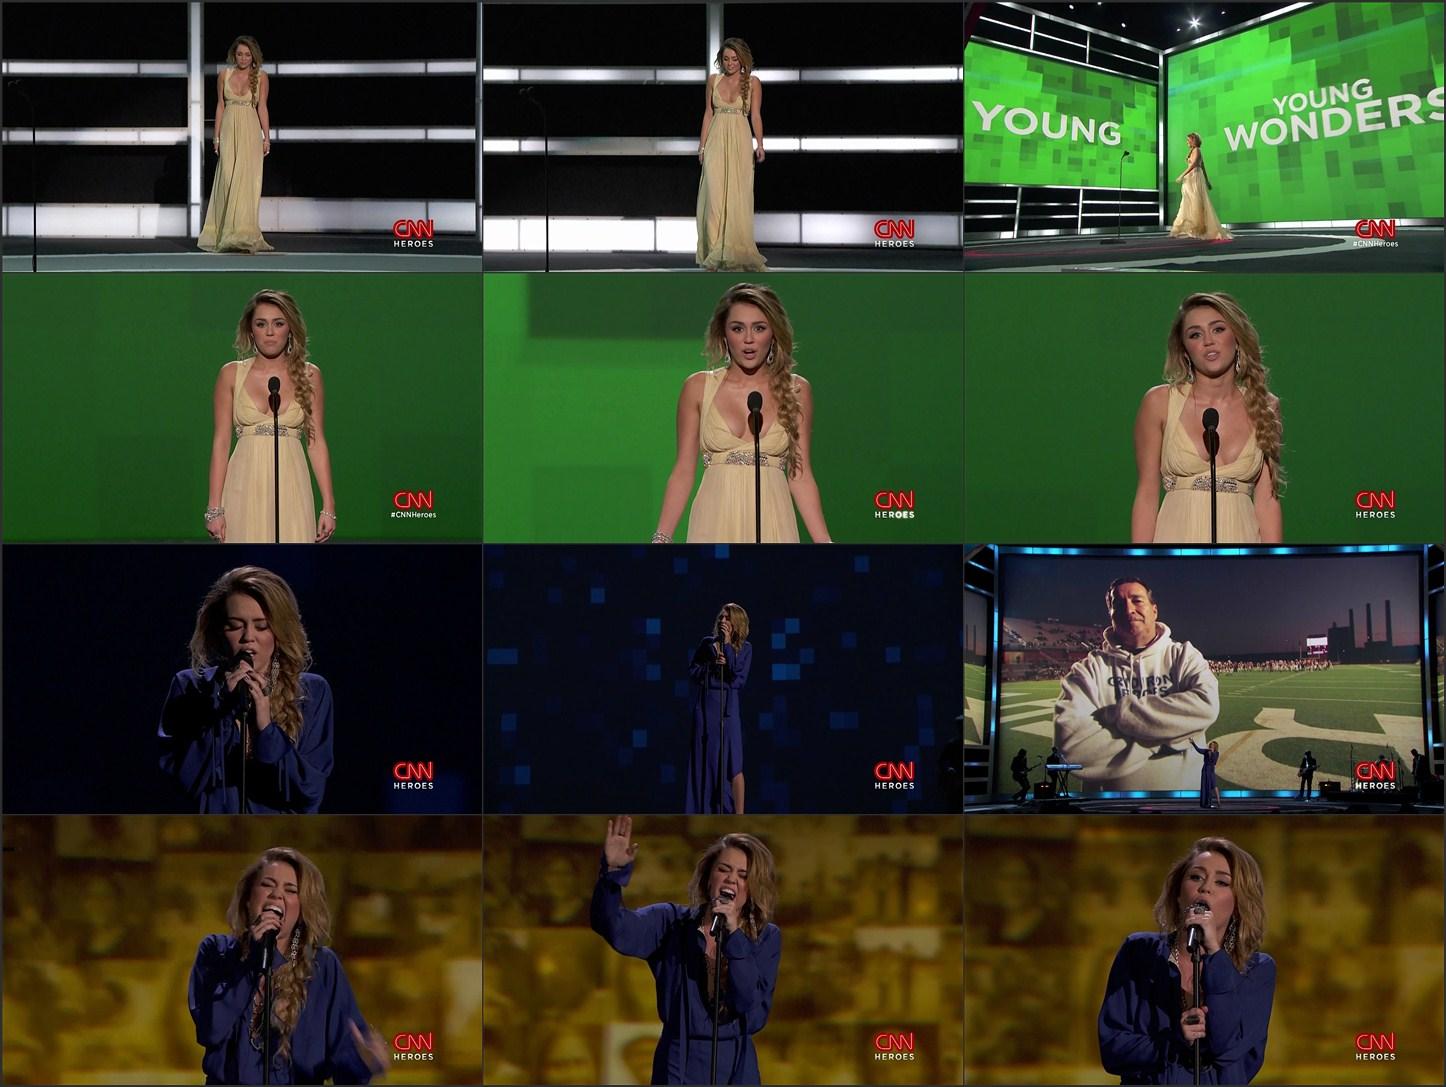 http://1.bp.blogspot.com/-CVfT4xkfExg/Tzgju2abn4I/AAAAAAAAAaM/Eo882fbLQPQ/s1600/Miley_Cyrus_-_CNN_Heroes_The_Climb_1080p_11_12_2011_.mkv.jpg